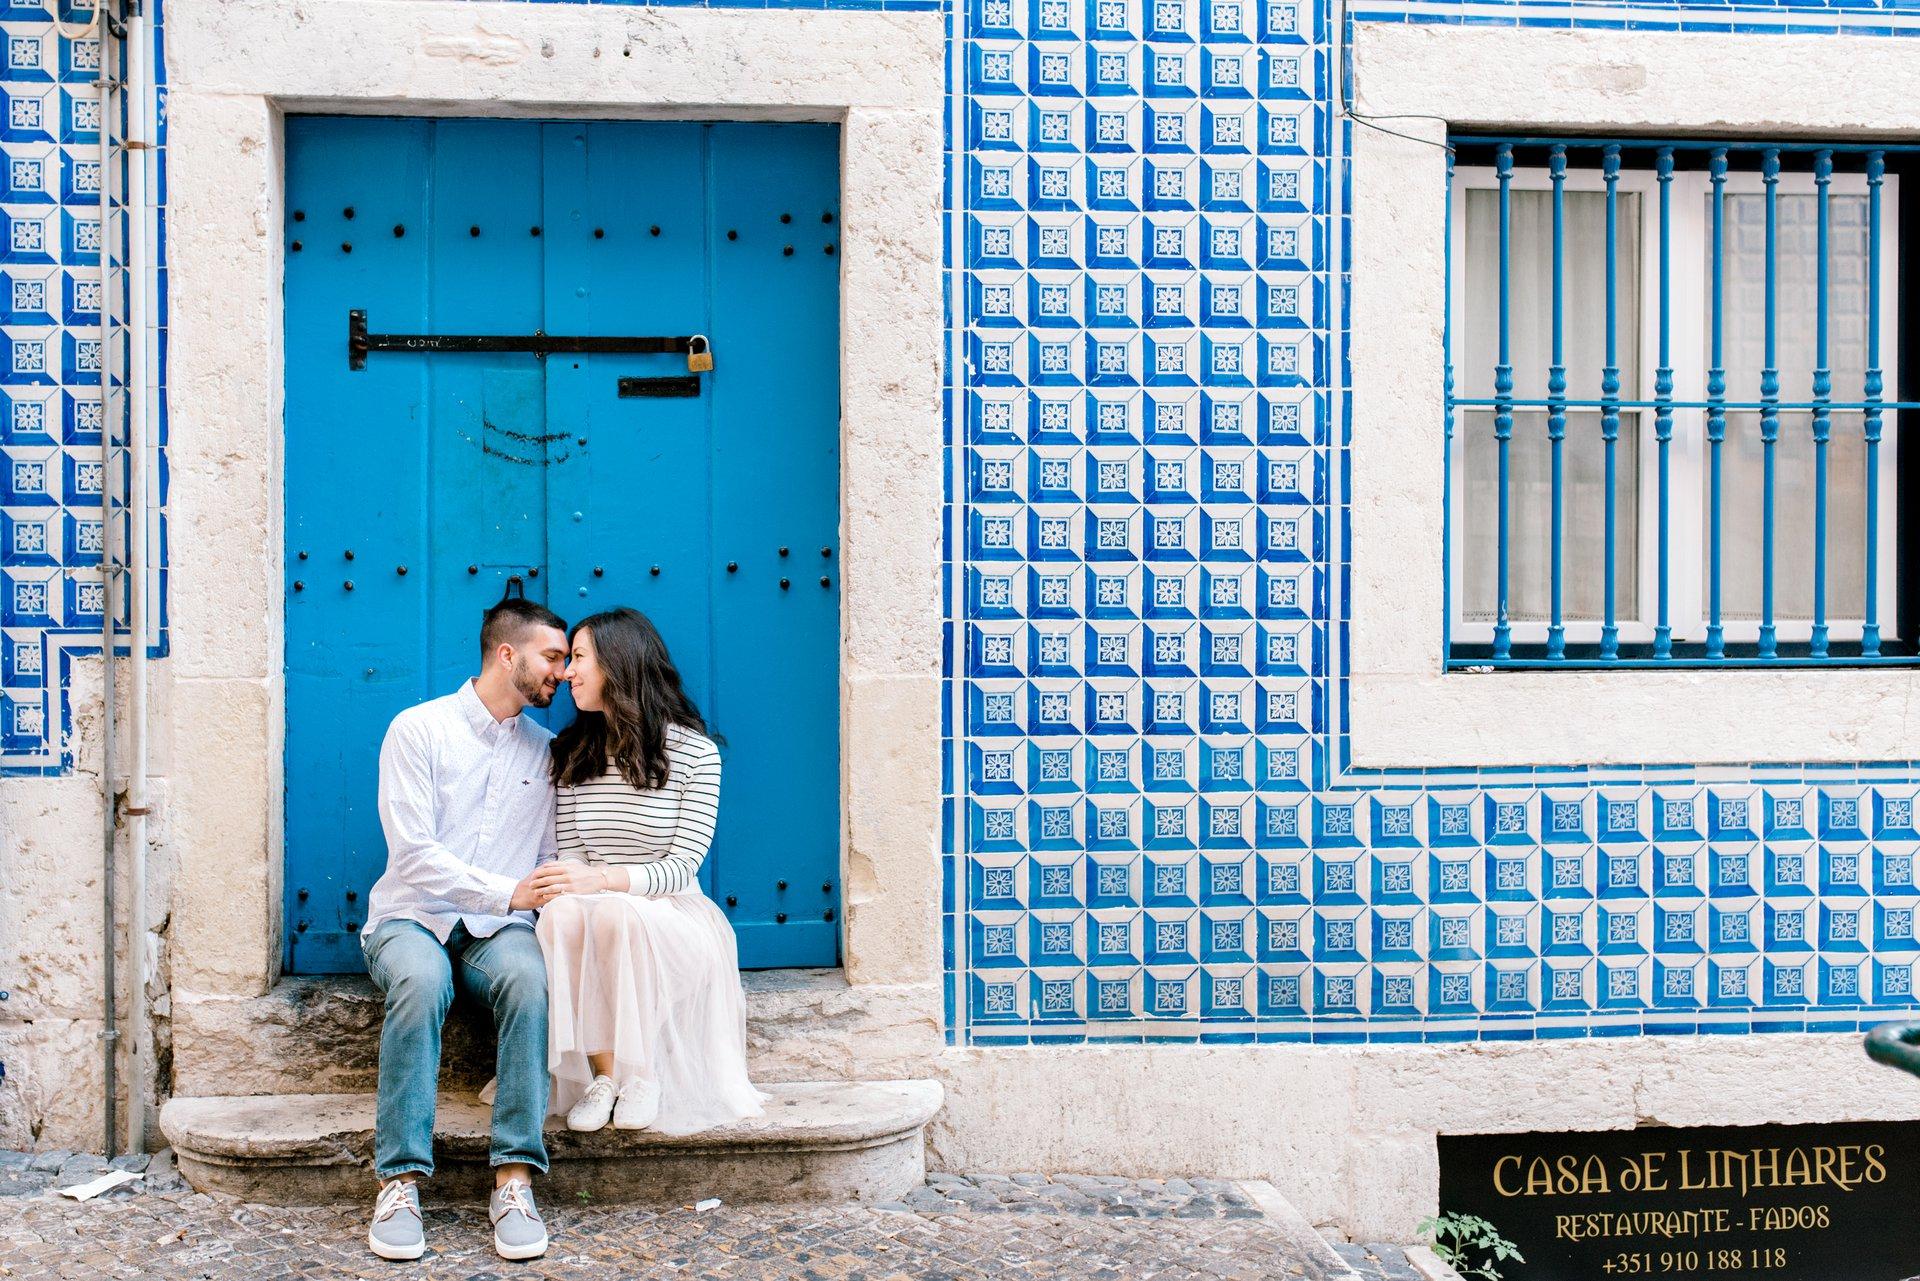 Flytographer Travel Story - Honeymoon in Lisbon!